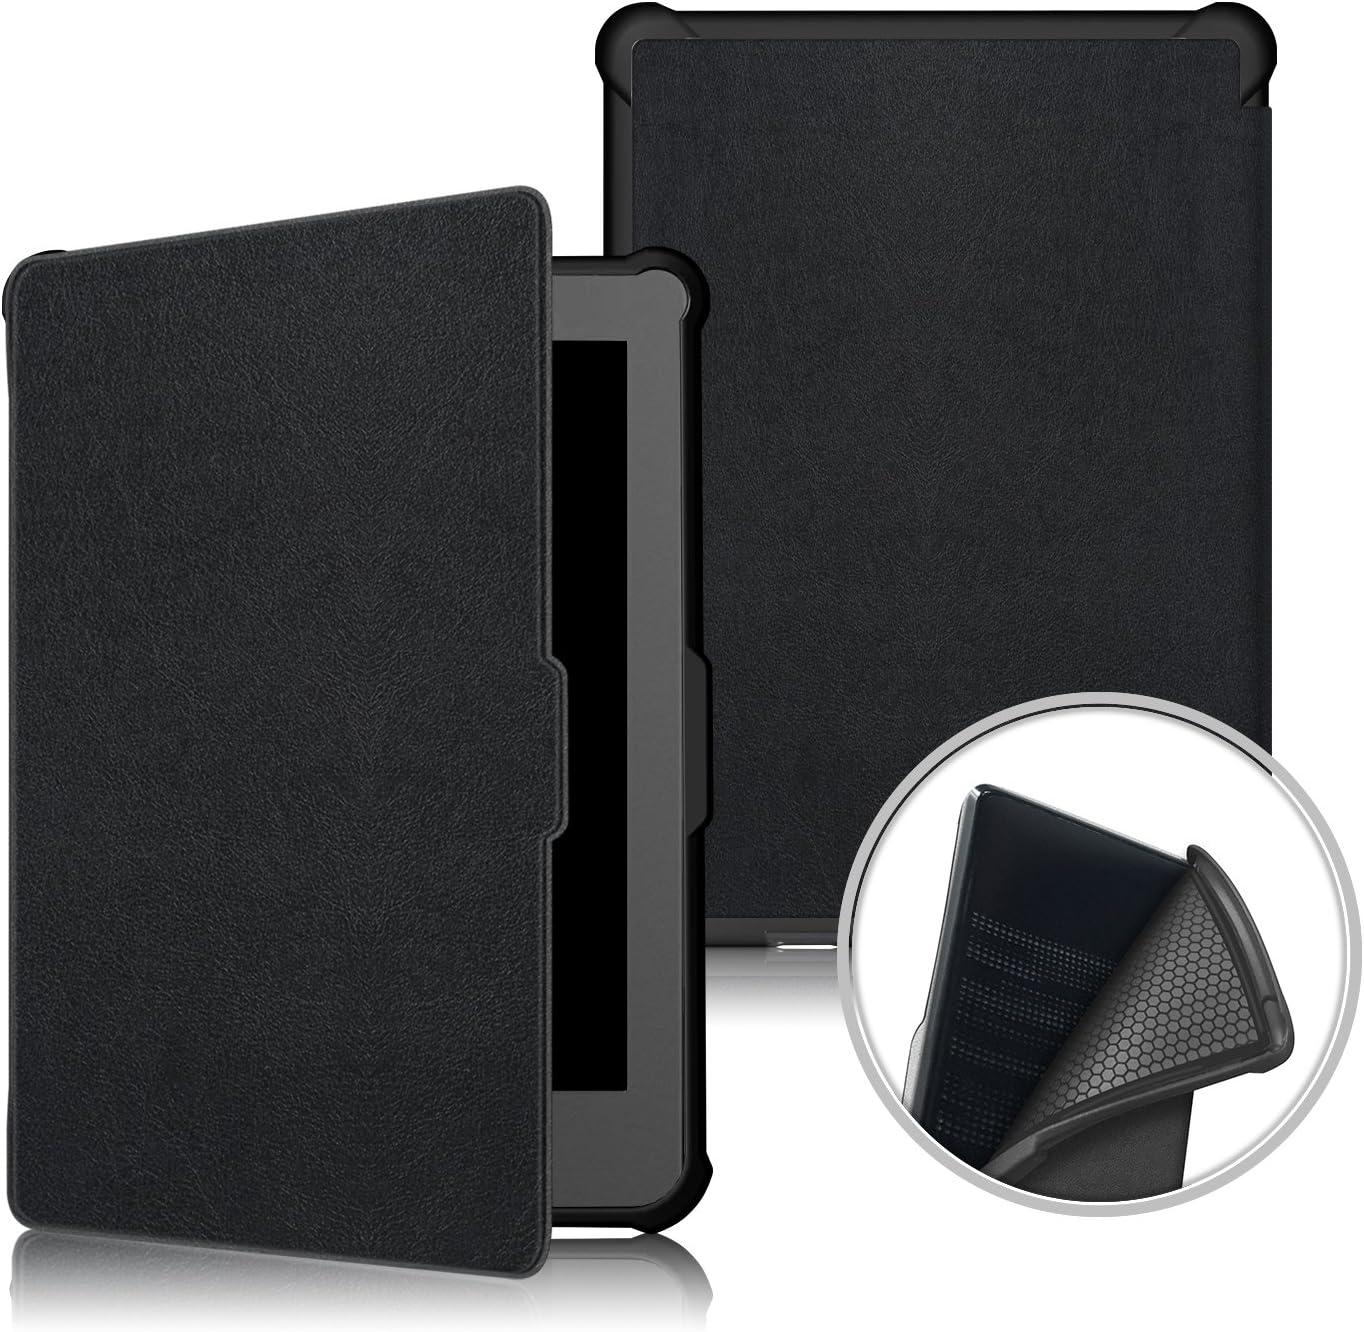 VOVIPO Kobo Clara HD Sleep Cover Case,Slim Smart Cover for Kobo Clara HD 6 Inch E-Reader: Amazon.es: Electrónica